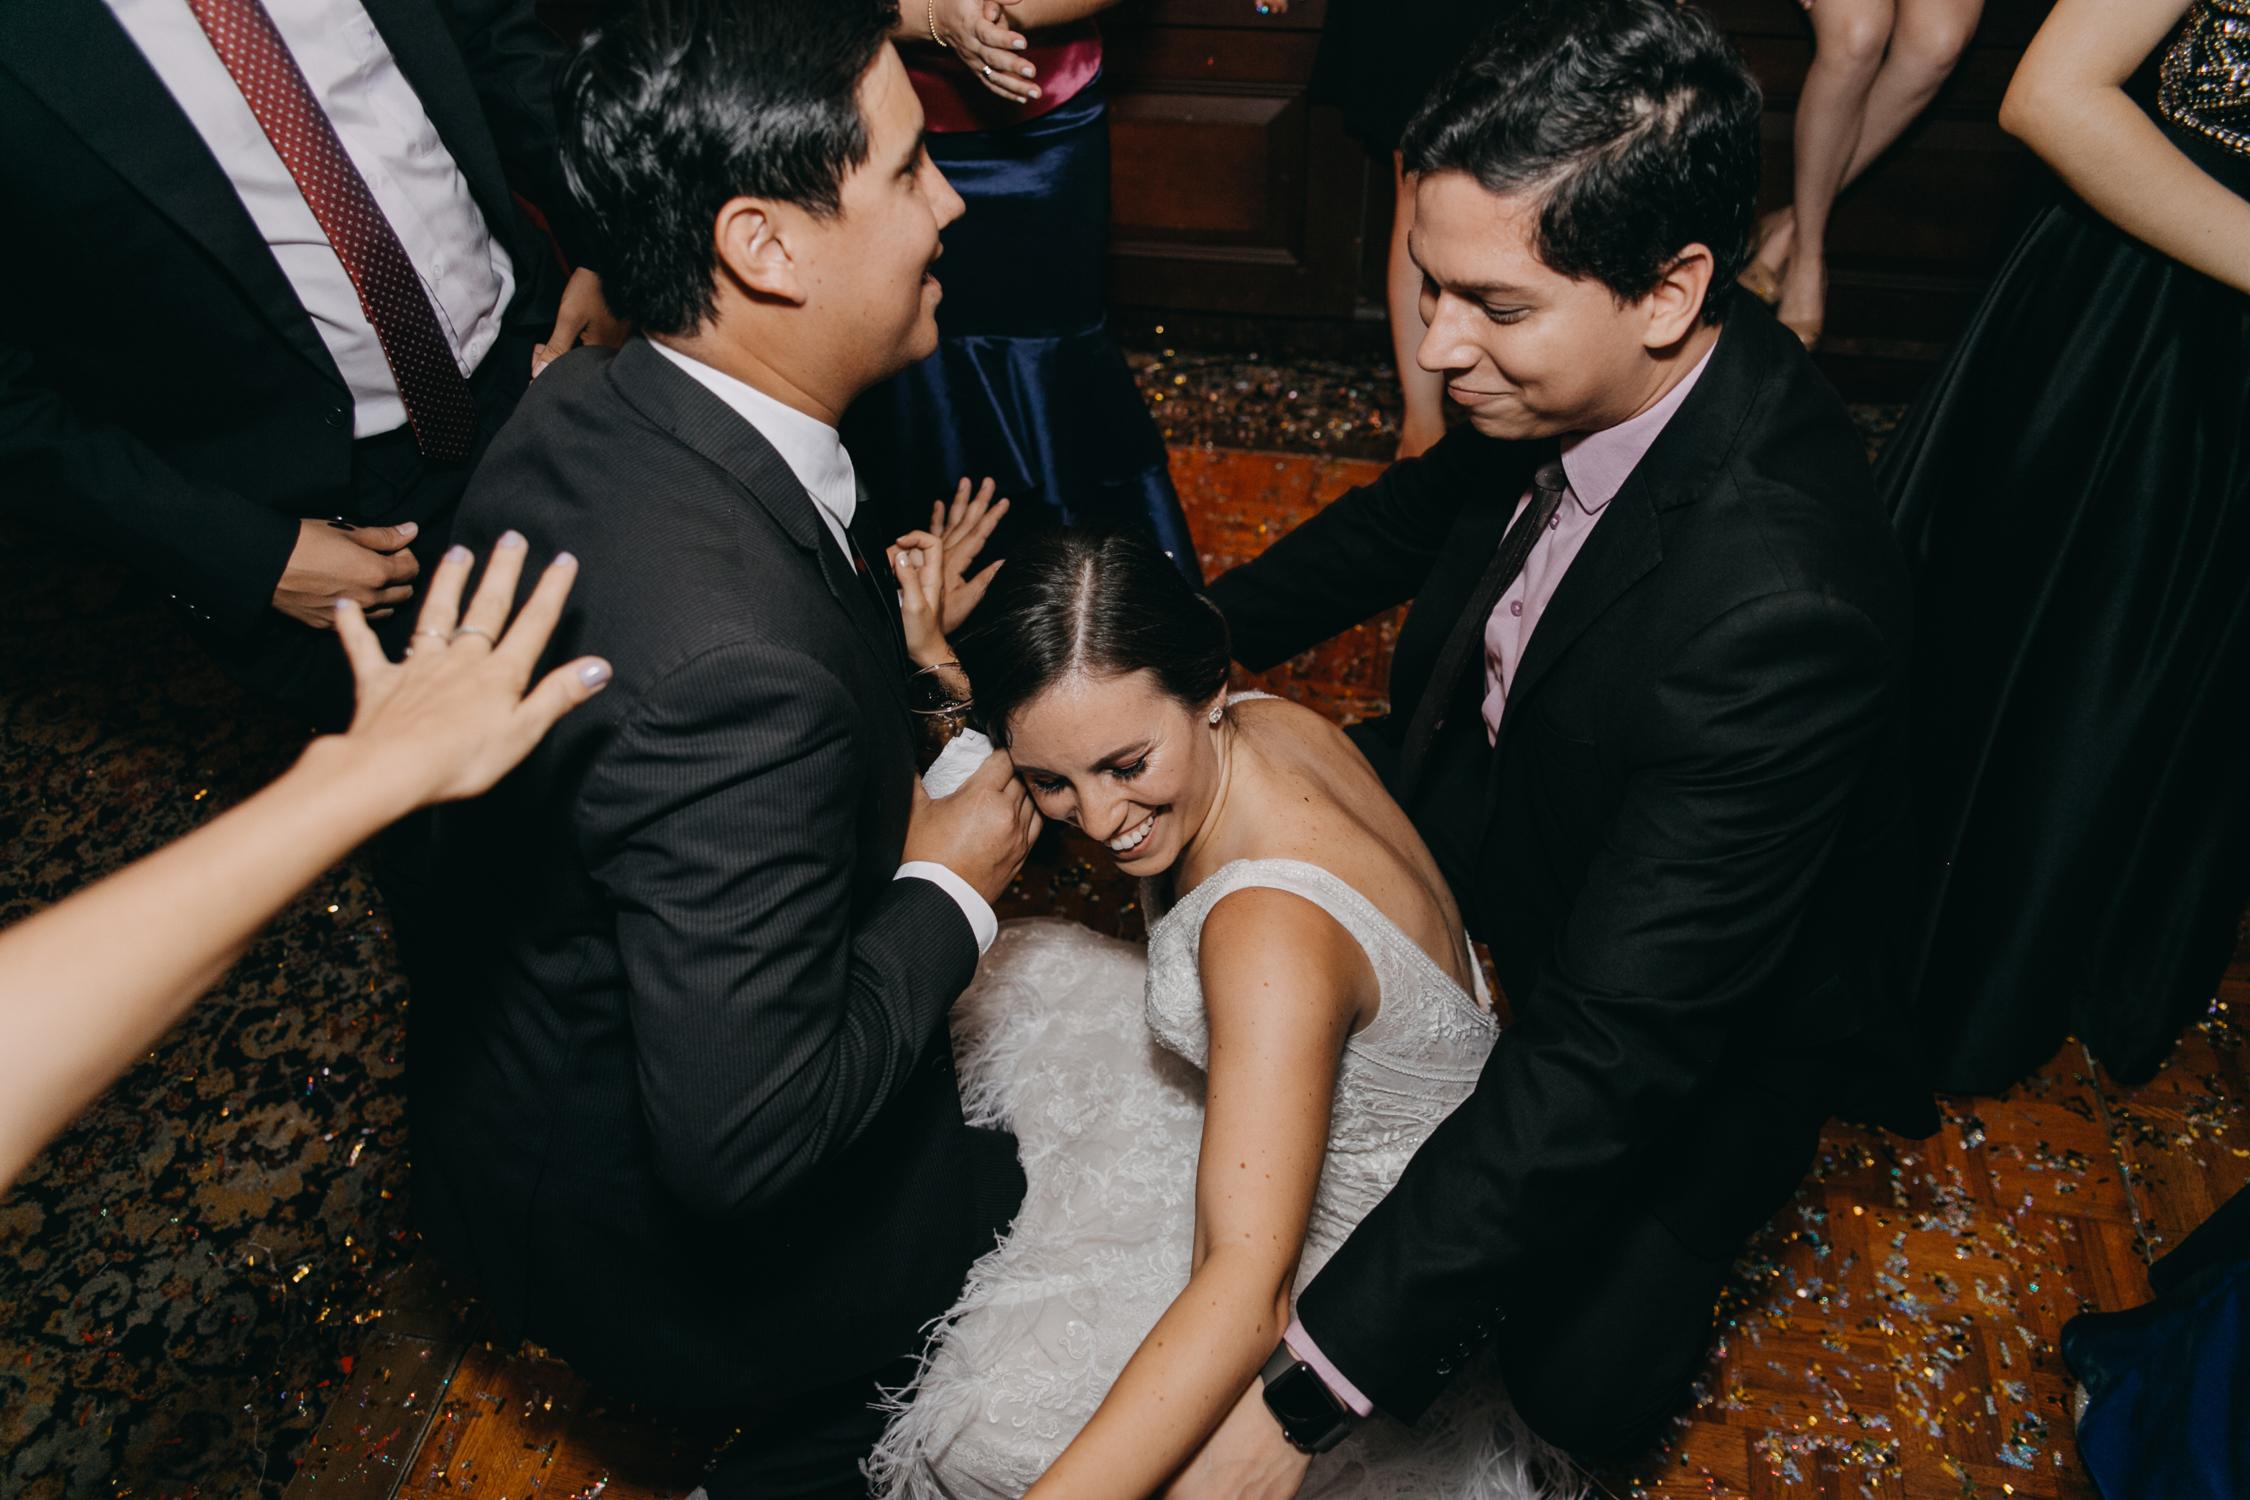 Michelle-Agurto-Fotografia-Bodas-Ecuador-Destination-Wedding-Photographer-Ecuador-Mercedes-Alvaro-196.JPG